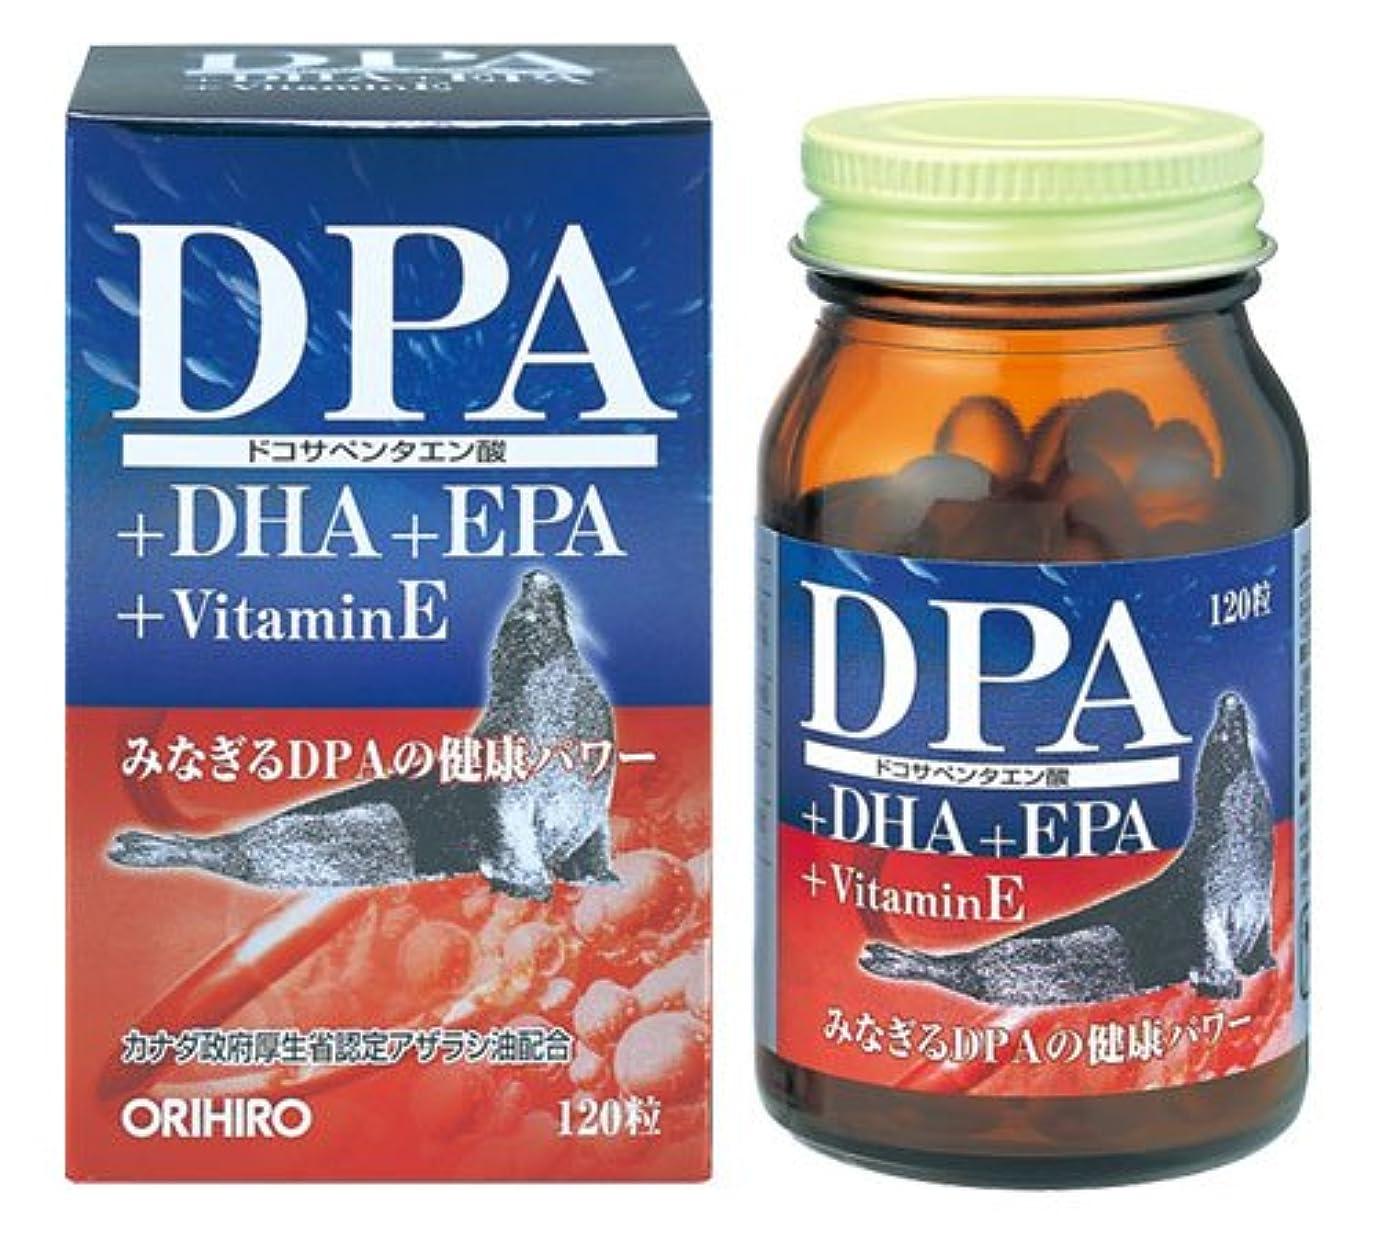 分子進化単調なDPA+DHA+EPAカプセル 120粒(約1ヶ月分)